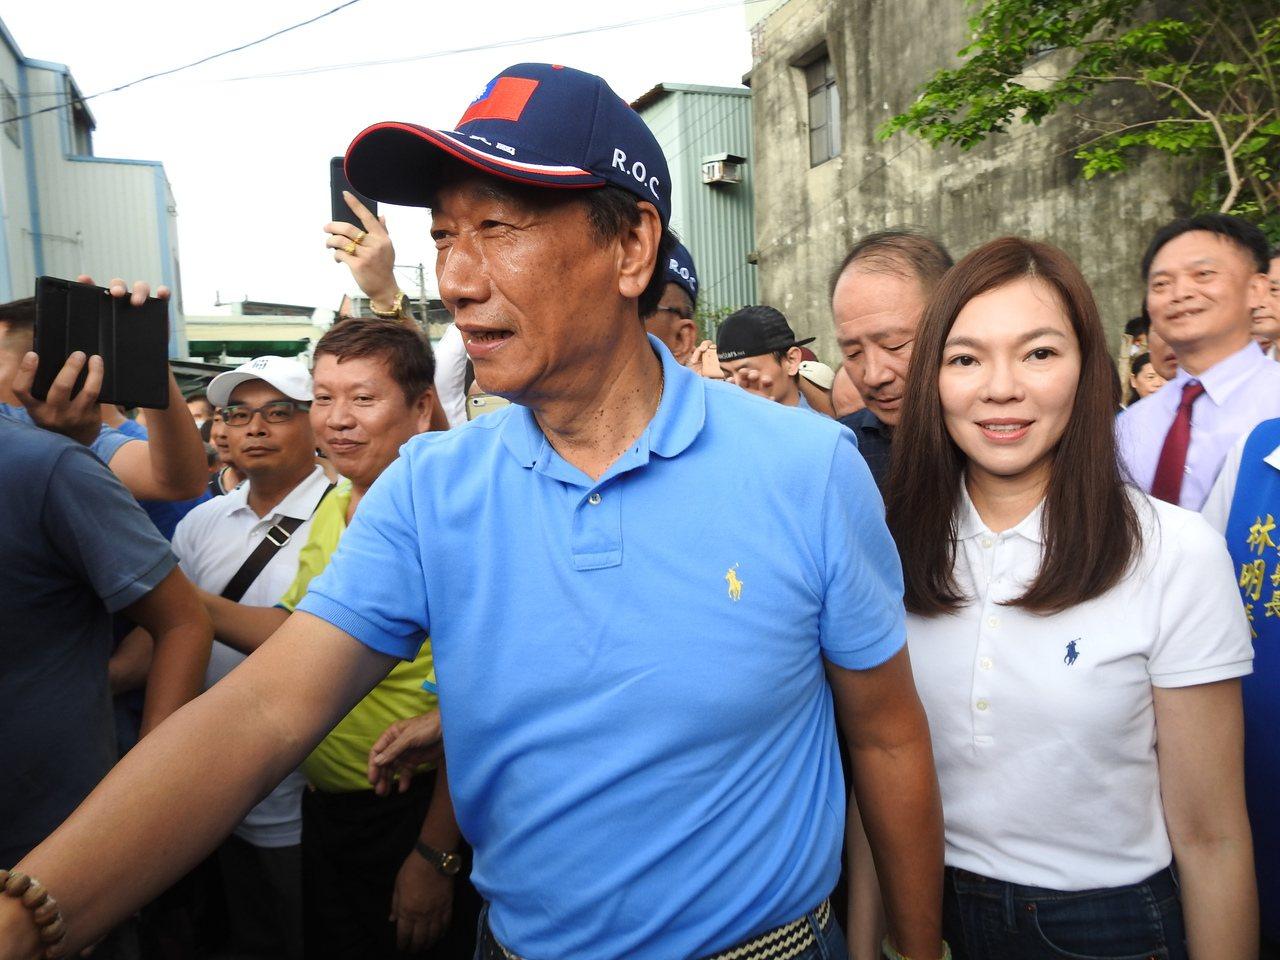 國民黨主席吳敦義盼在一週內與鴻海創辦人郭台銘會面,但郭辦卻說他行程已滿。 聯合報...